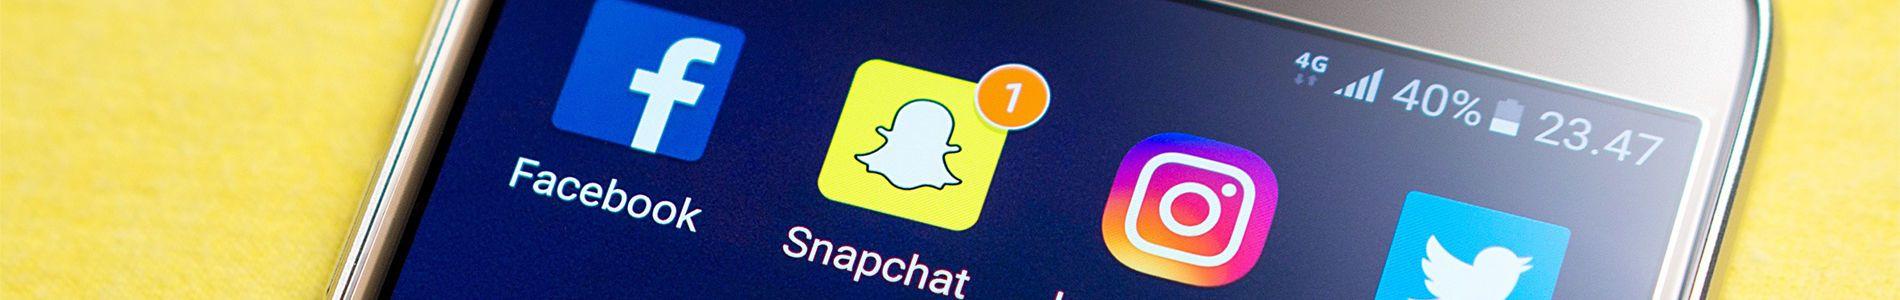 Snapchat adverteren inzetten ontdek de mogelijkheden